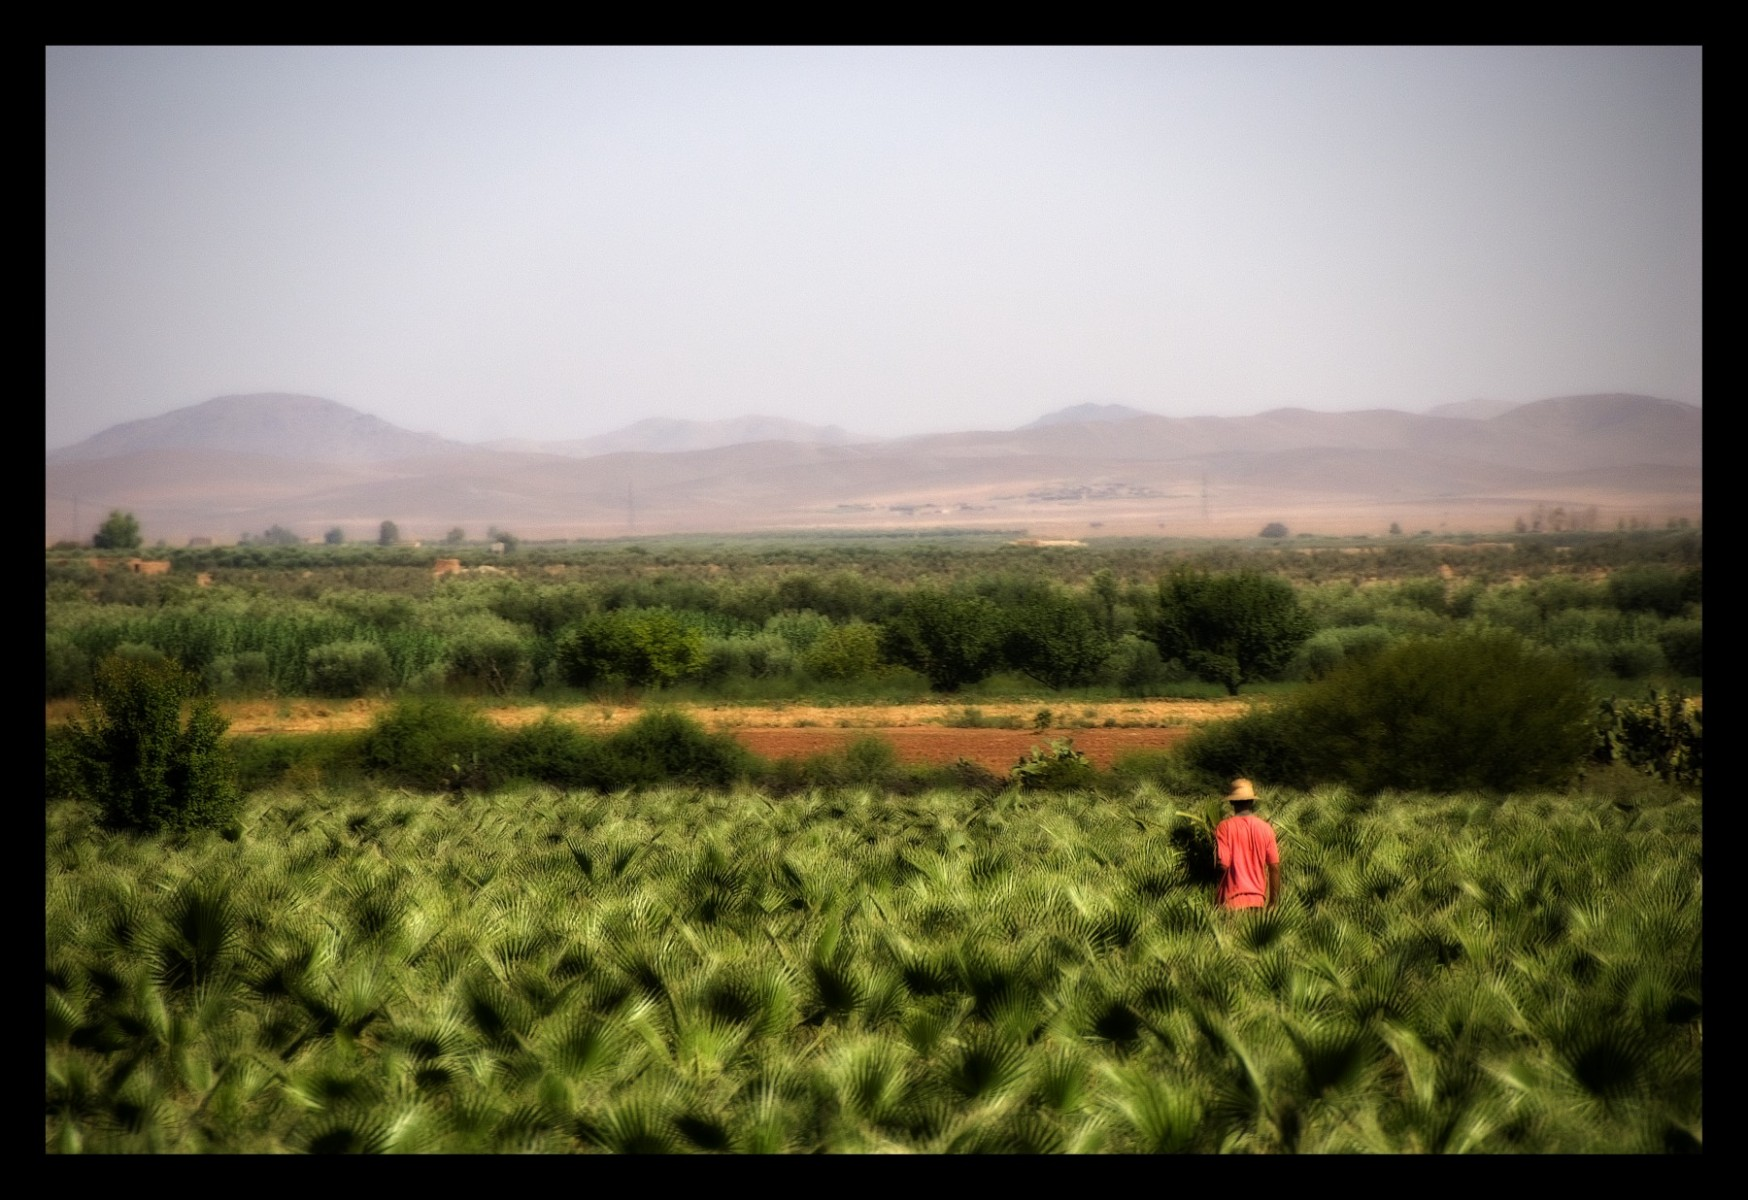 91315_DSC0011-on-desert-green Storie di Luce